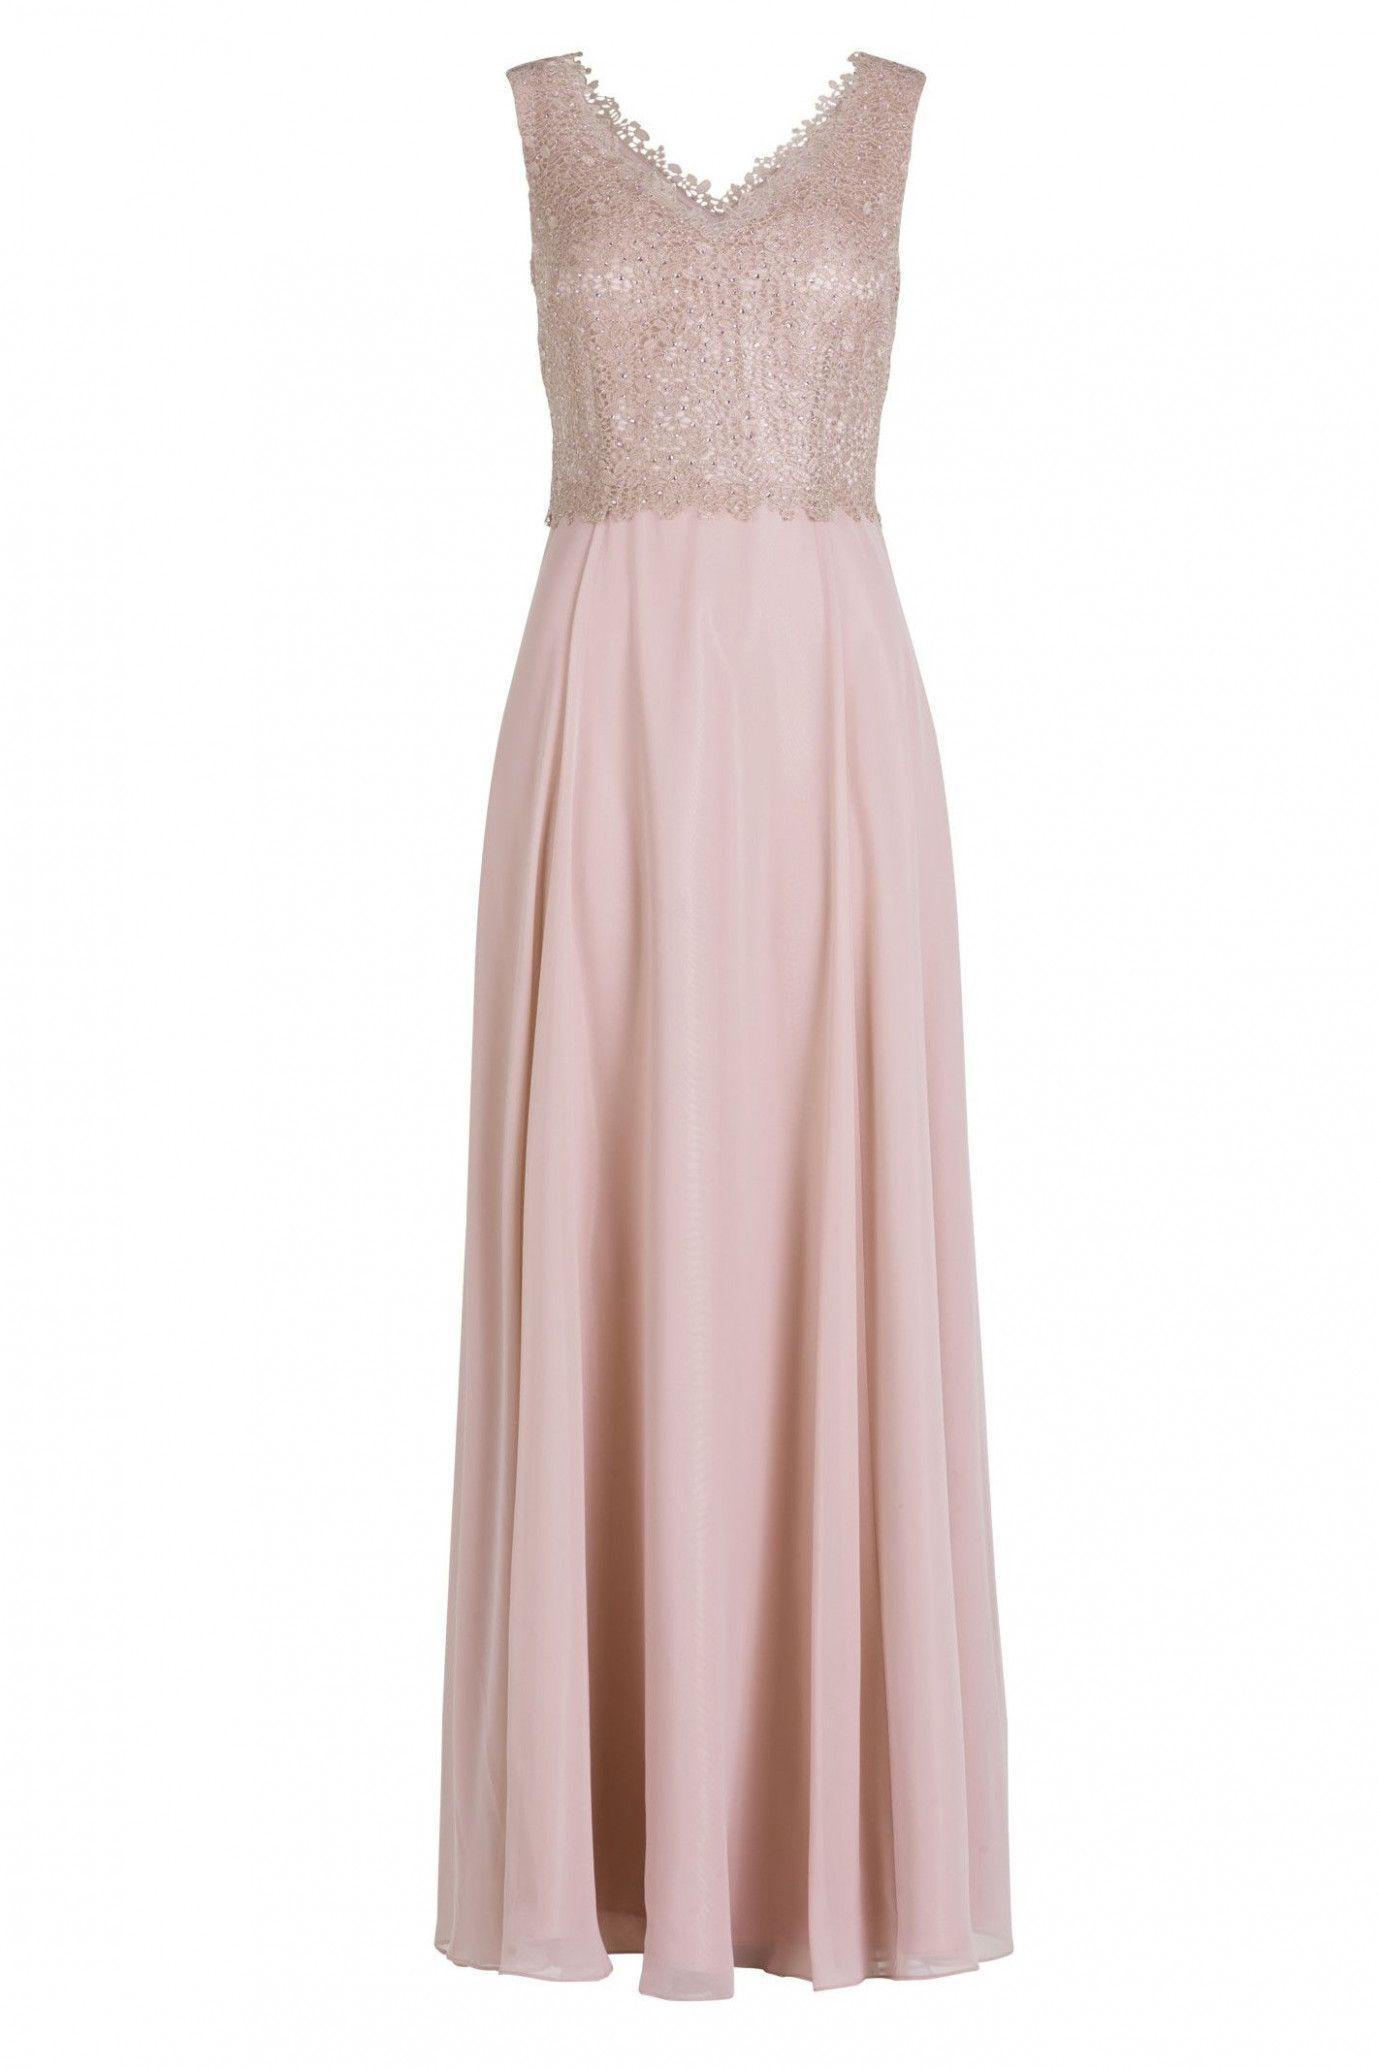 10 Vera Mont Abendkleid in 10  Abendkleid, Kleider, Schöne kleider